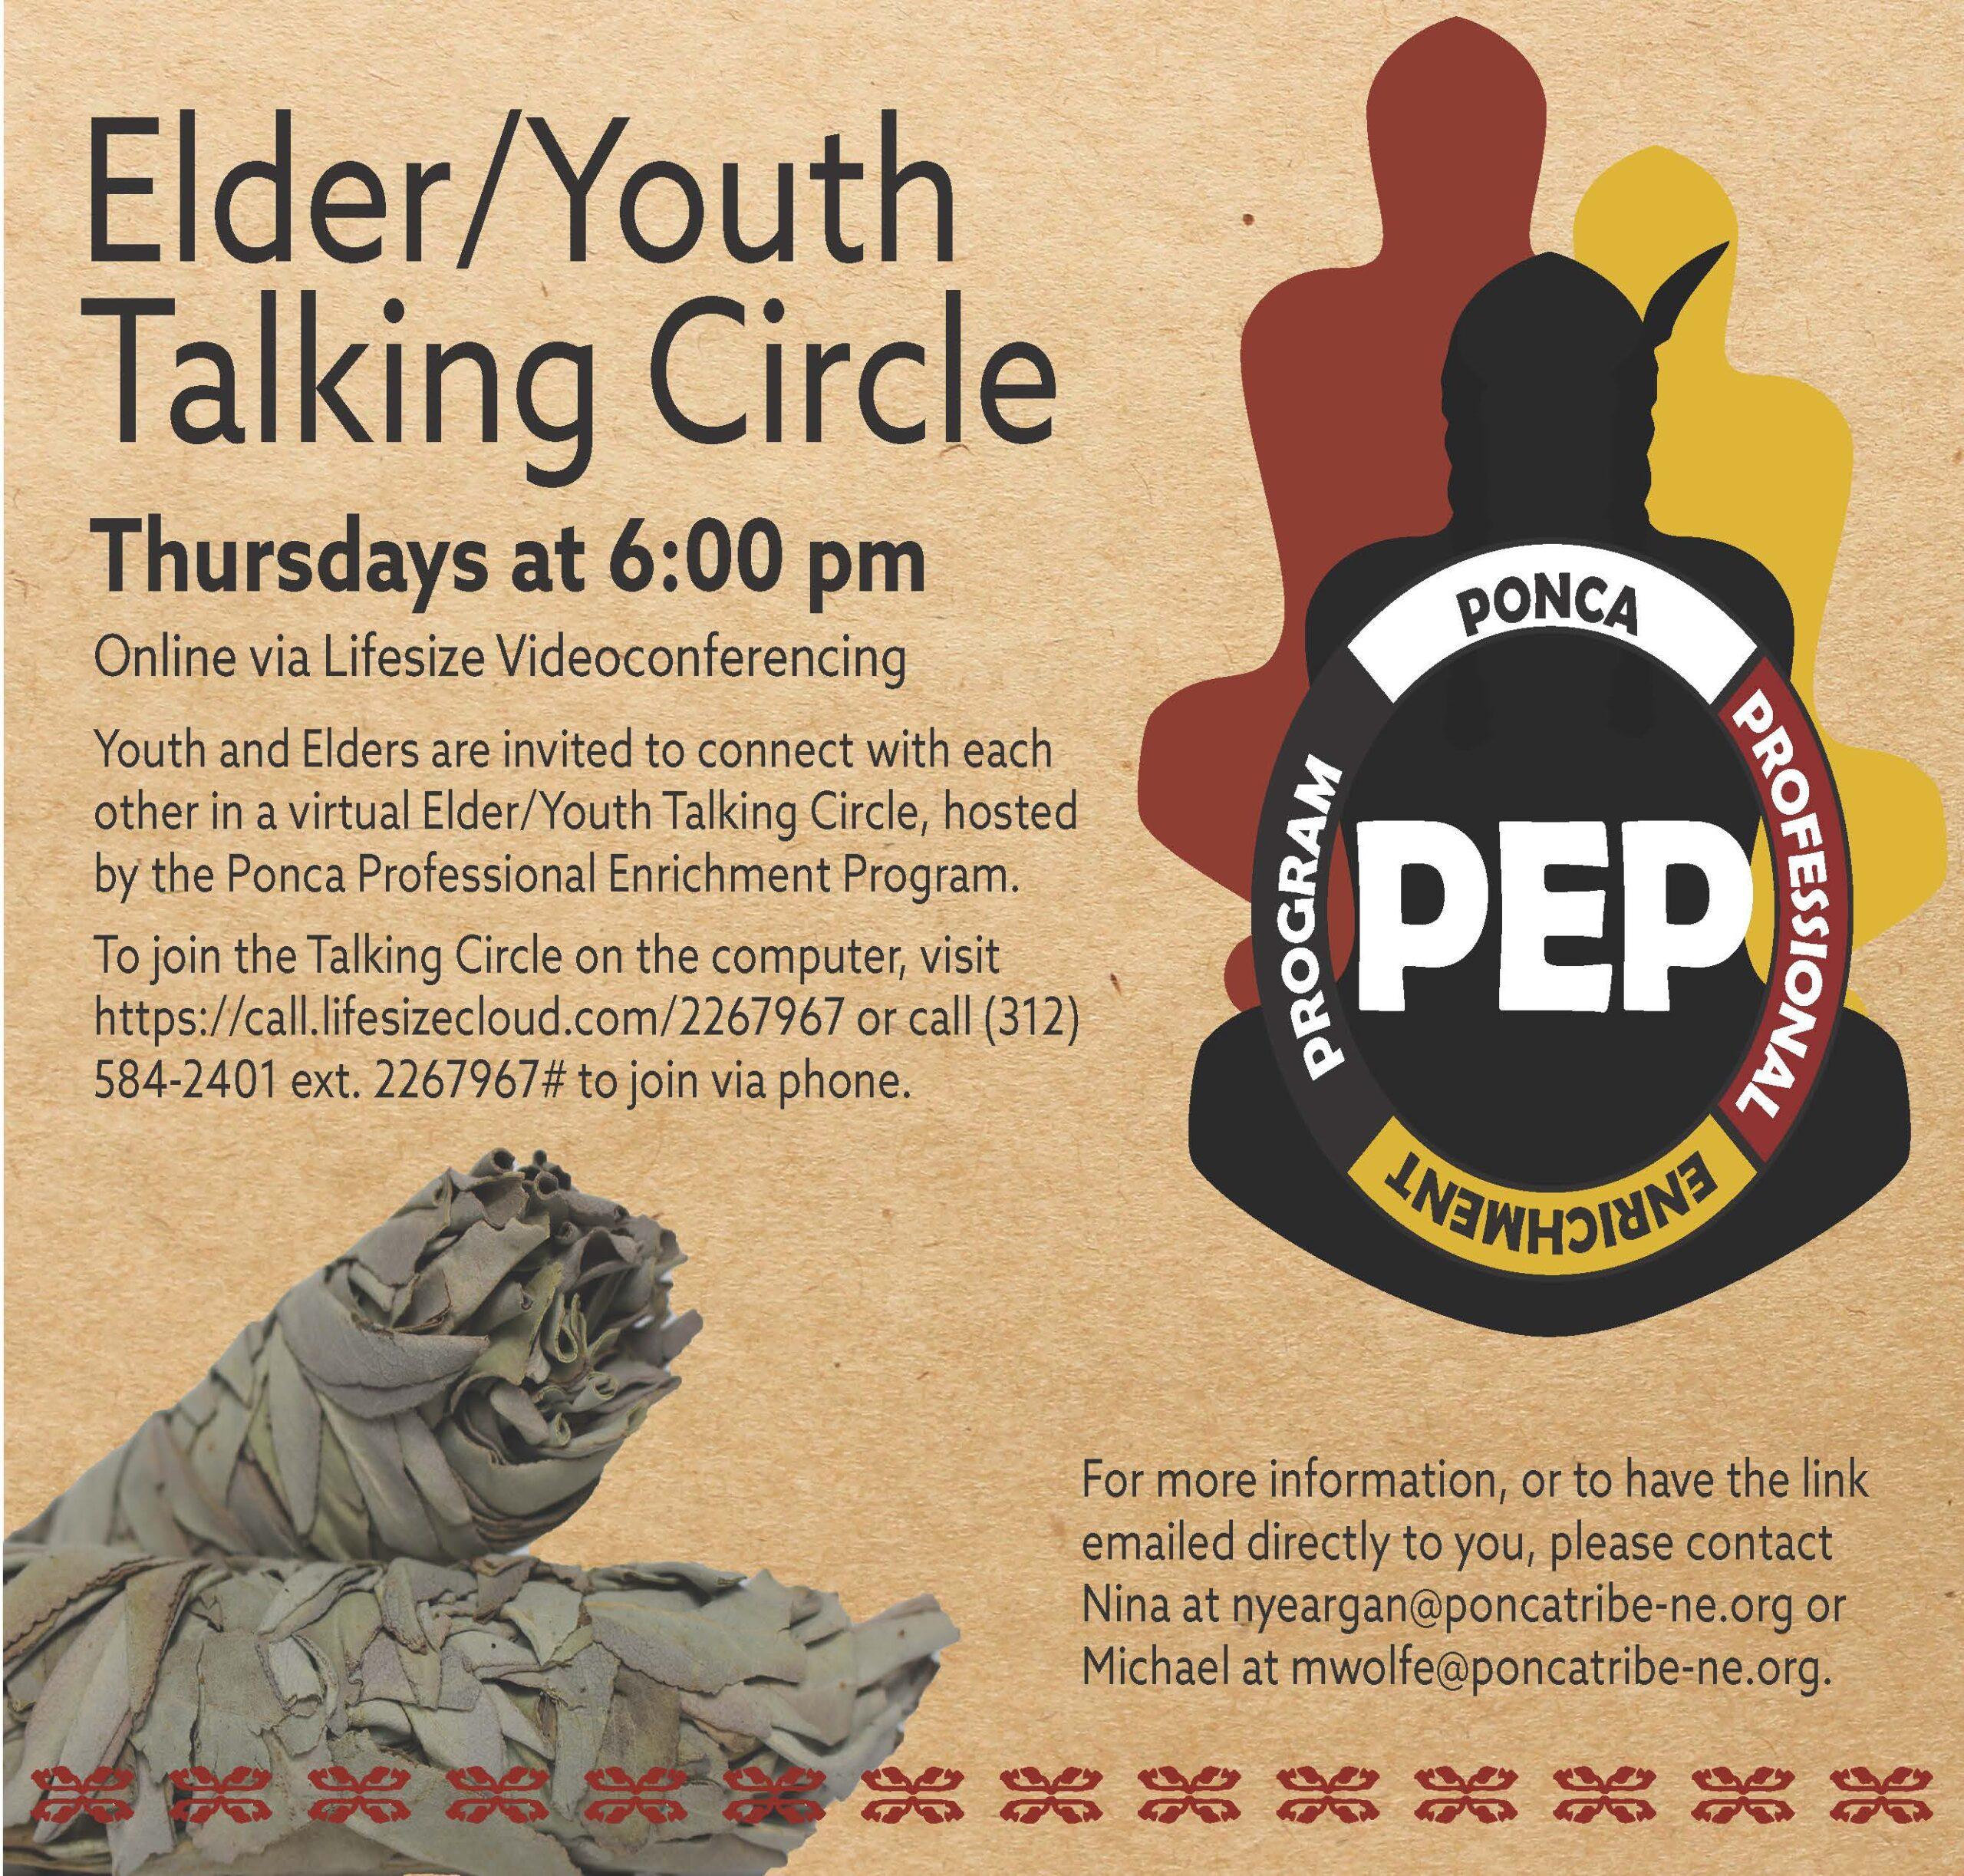 Elder Youth Talking Circle Online